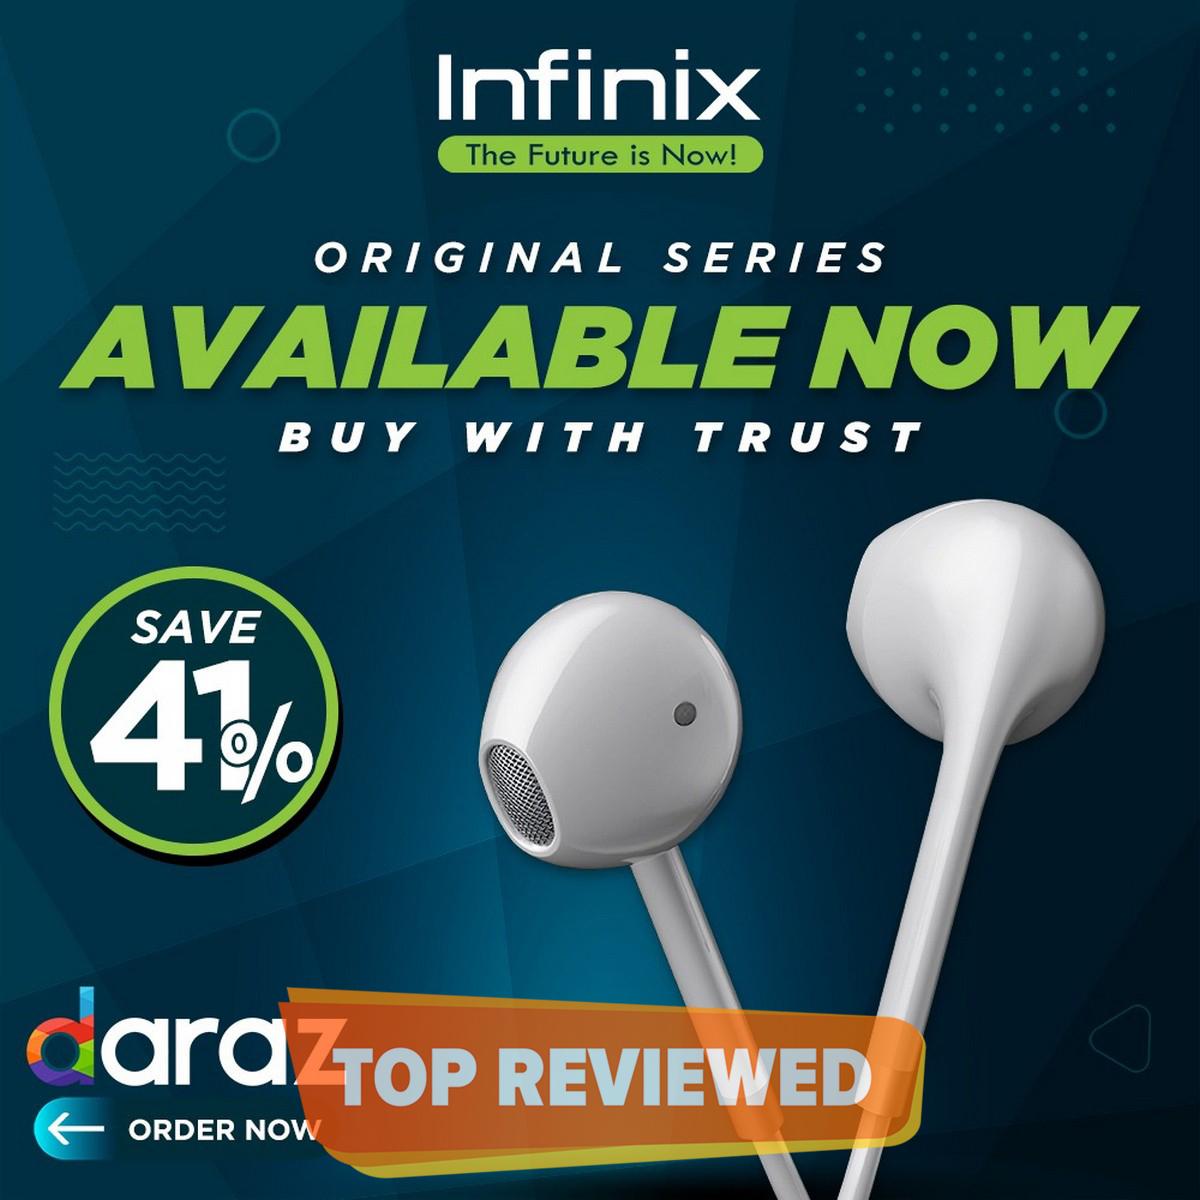 INFINIX Original Handsfree  Infinix Original Handsfree  Infinix Handsfree  INFINIX 100% Original Handsfree  Handsfree  Headphones  Handsfree for Android  Handsfree for PUBG Mobile